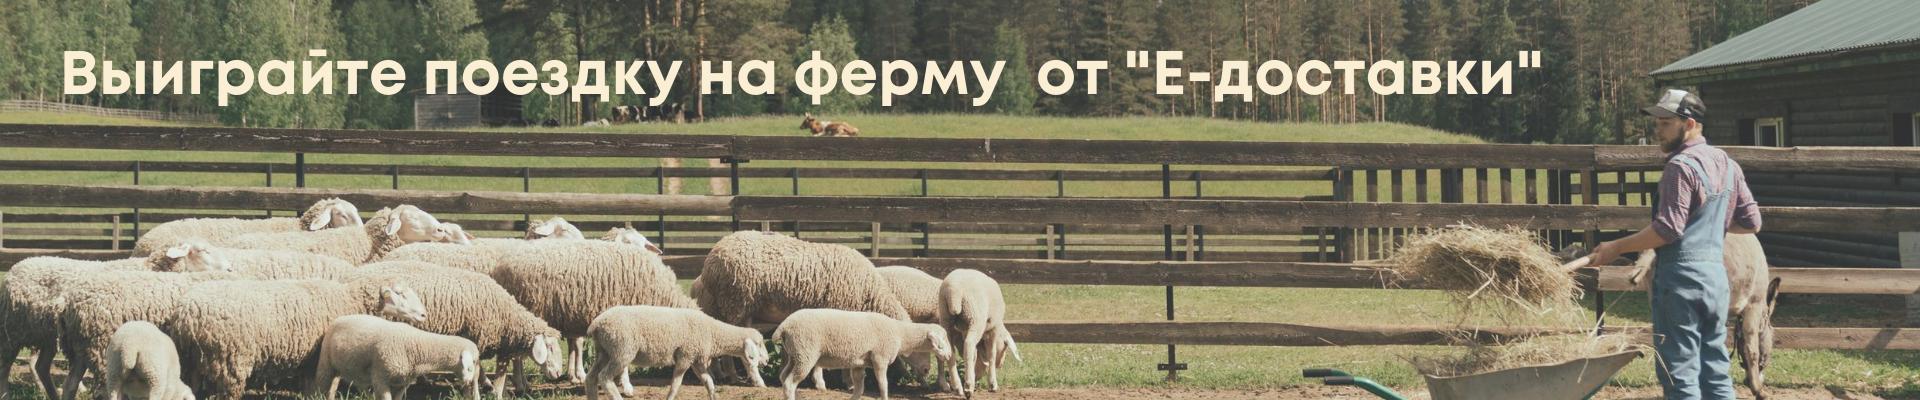 Выиграйте поездку на ферму от _Е-доставки